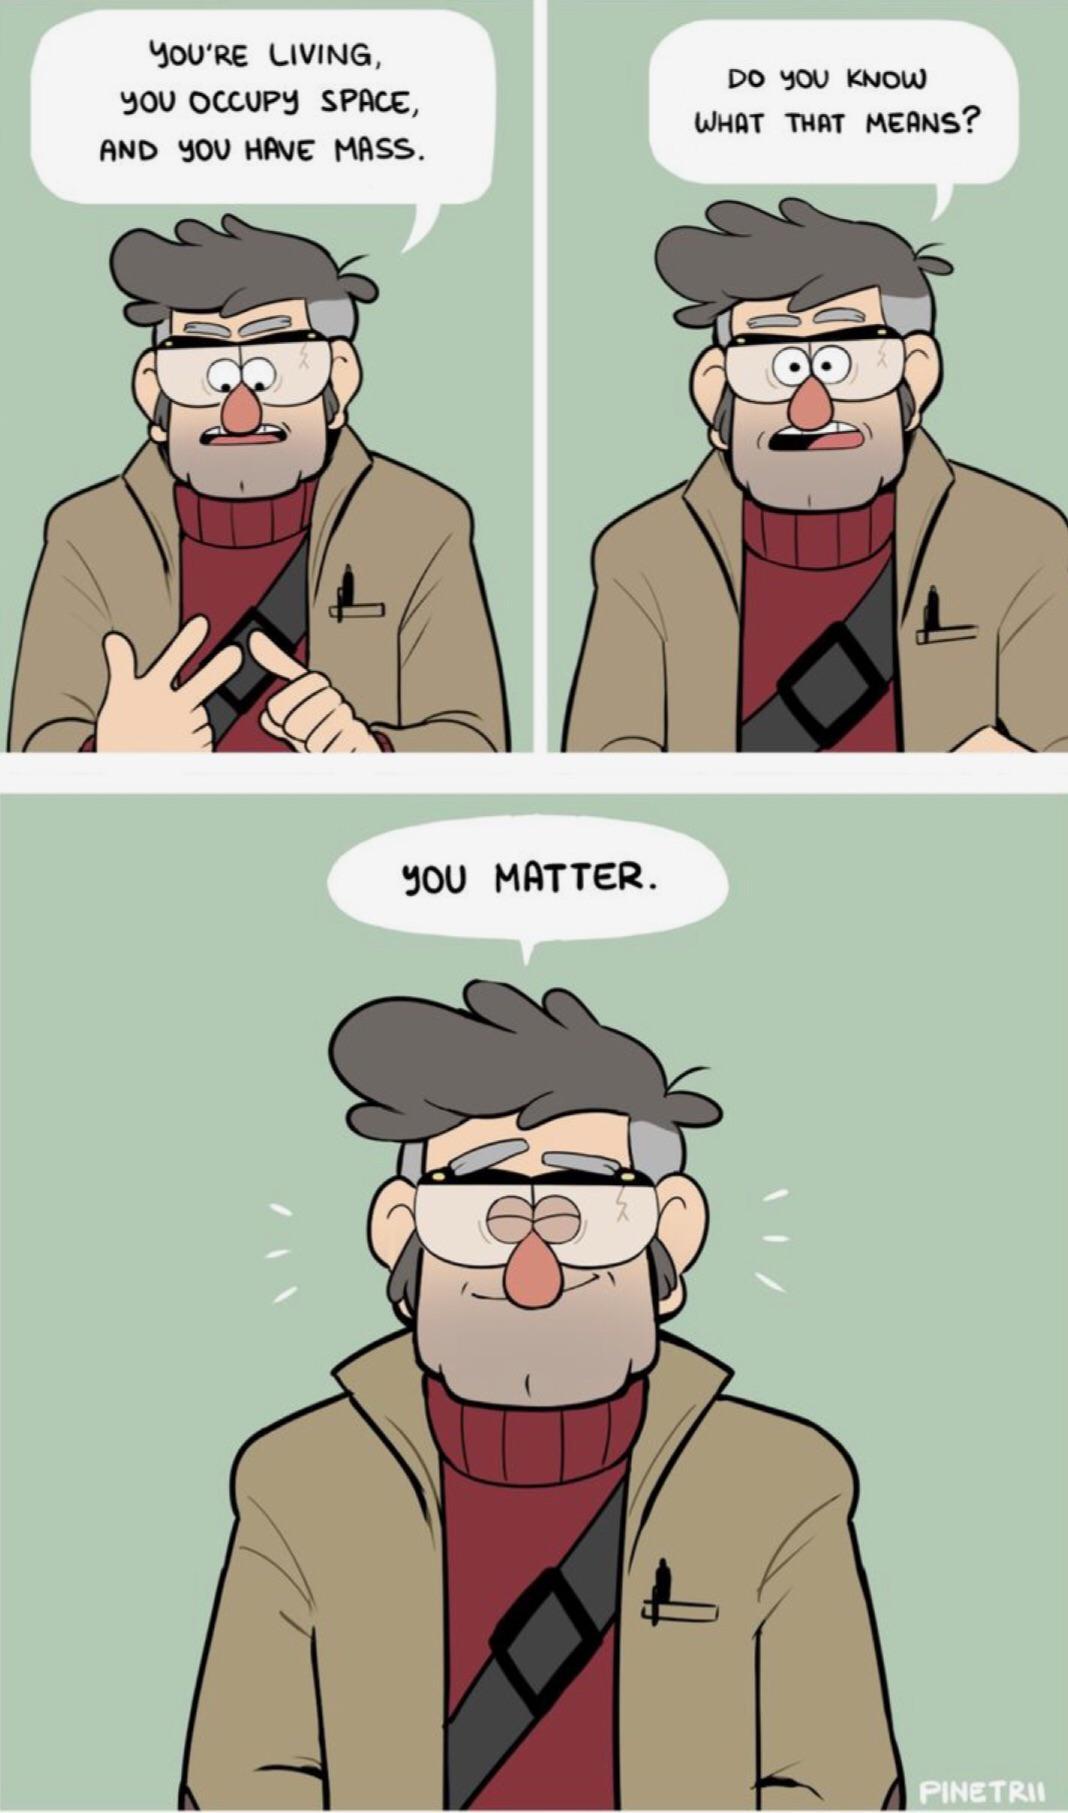 cute wholesome-memes cute text: BOl.J'RE l.-lVlNG, γου οαυΡΥ SPACE, γοι.) MASS. DO ΚΝ0ΙΟ ΙΙ.ΙΗΑΤ ΤΗΑΤ MEANS? γου ΜΑΤΤξ2. ΡΙΝξΤΚΙΙ